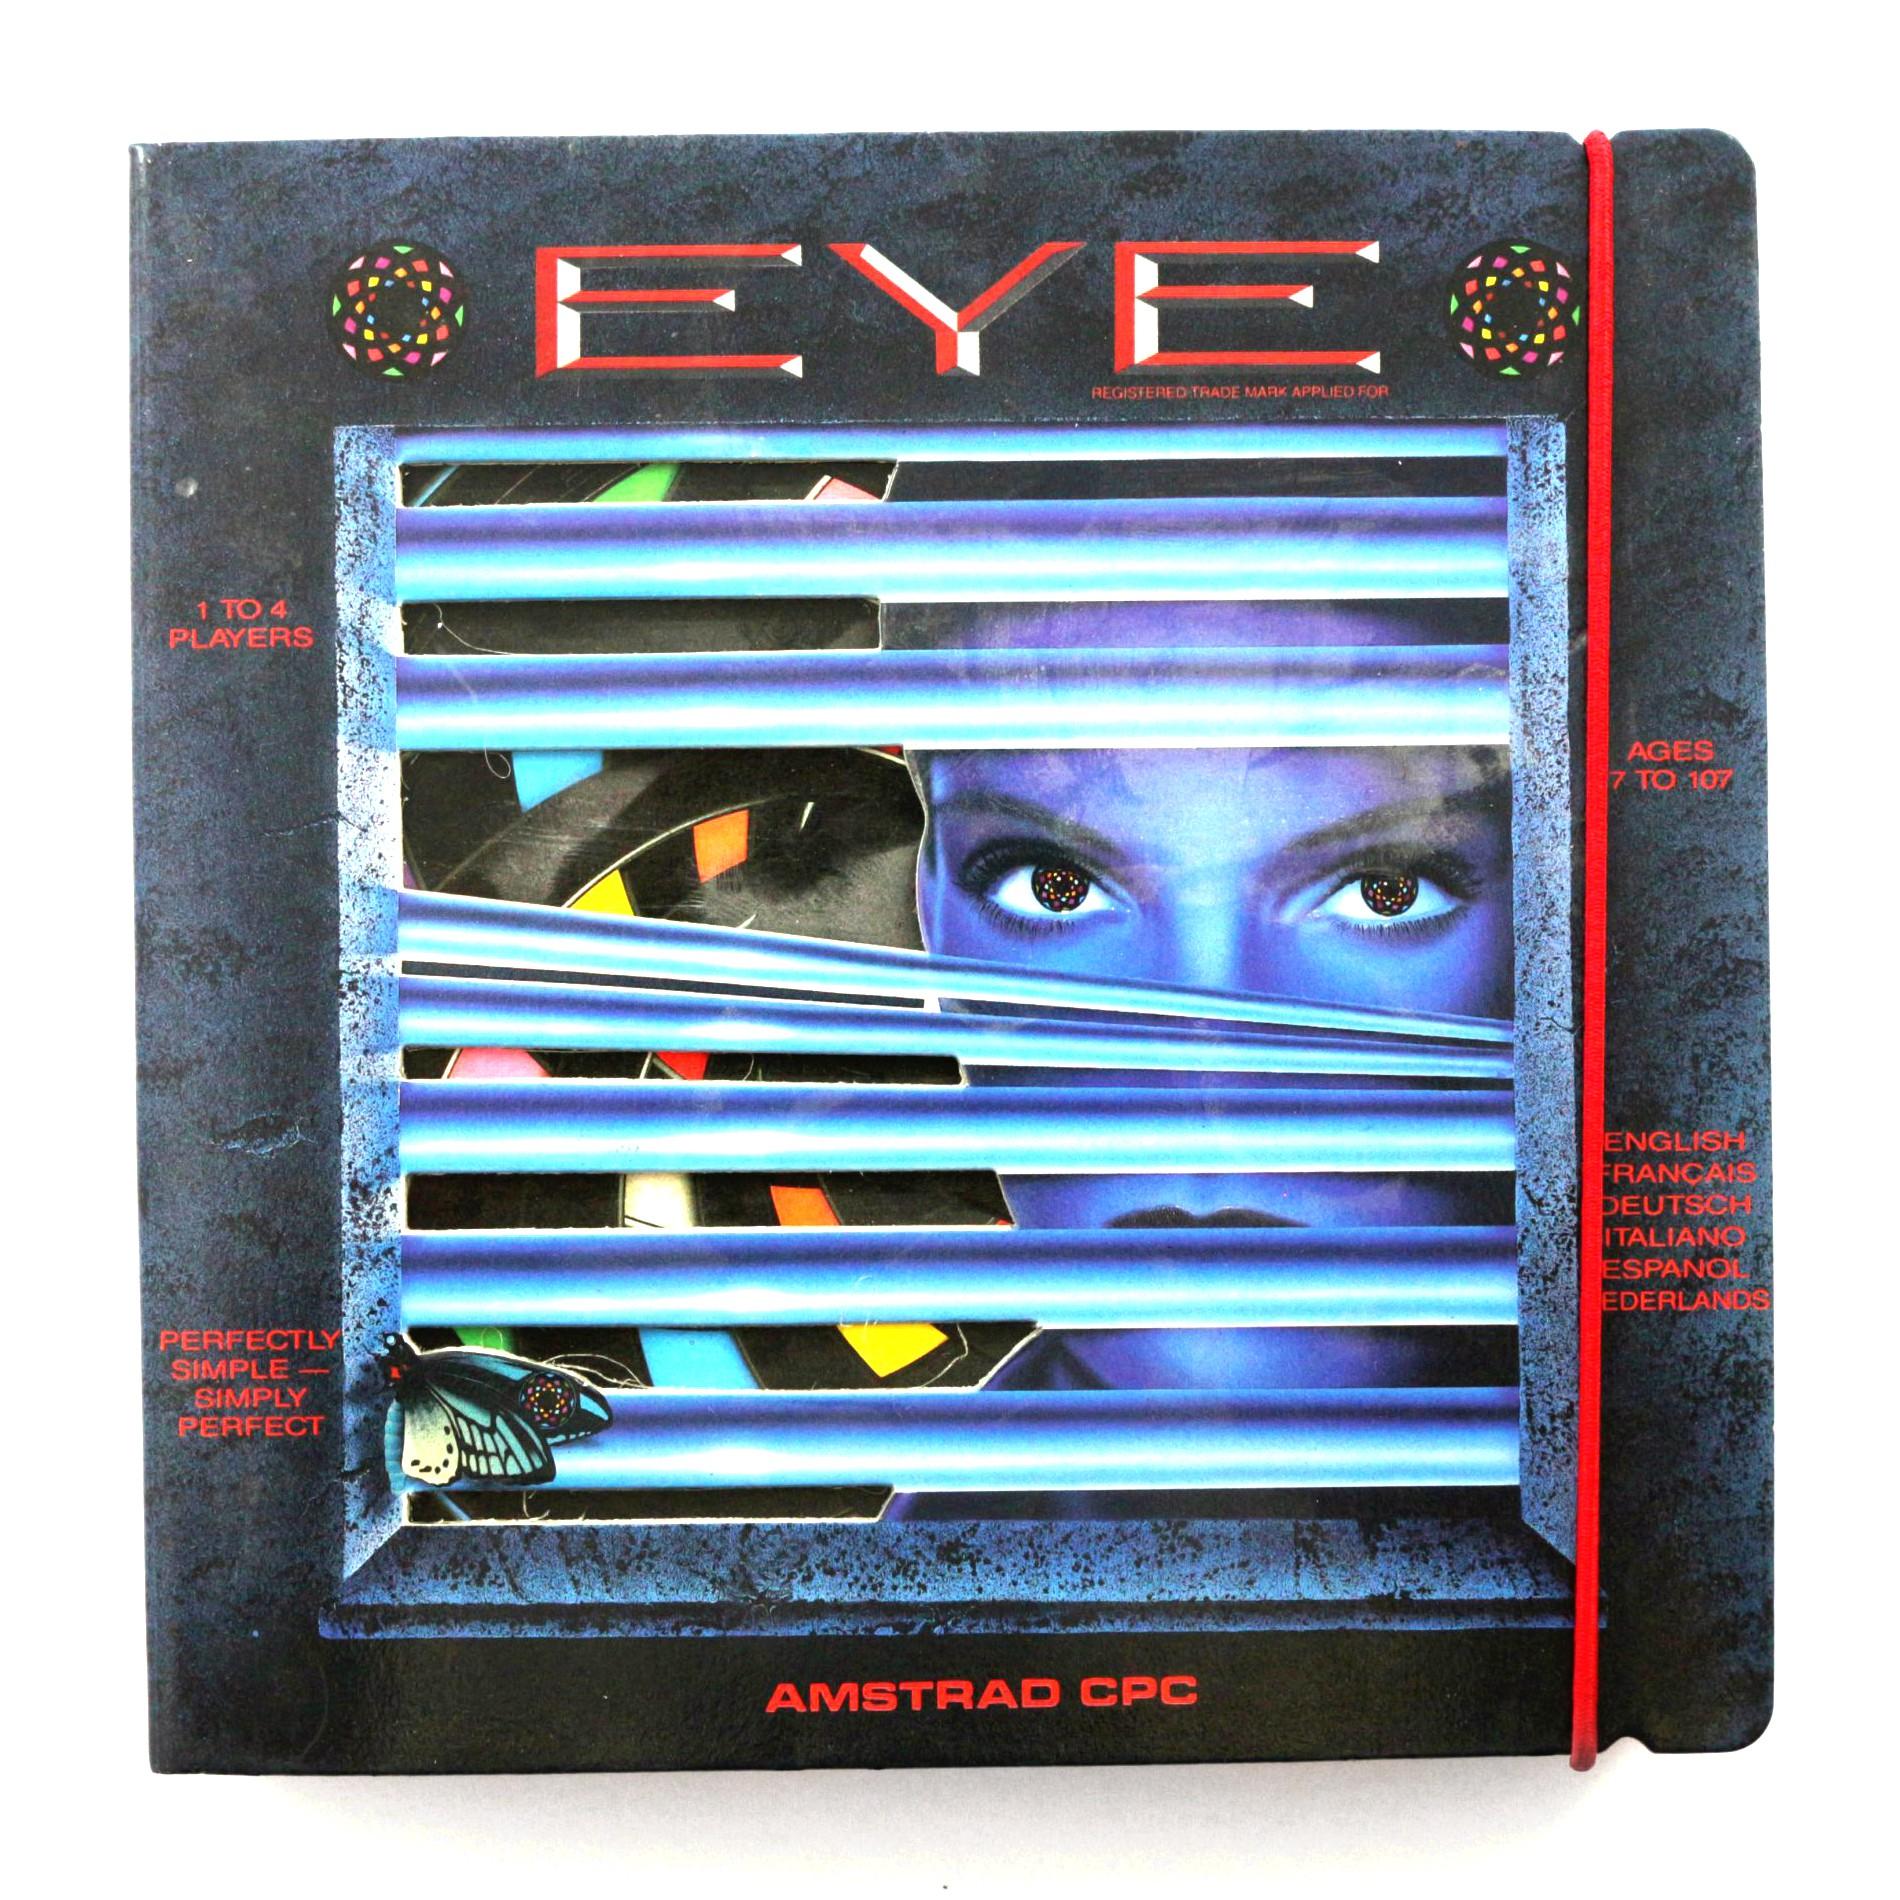 Sonstiges - Amstrad CPC - Eye / Datasette